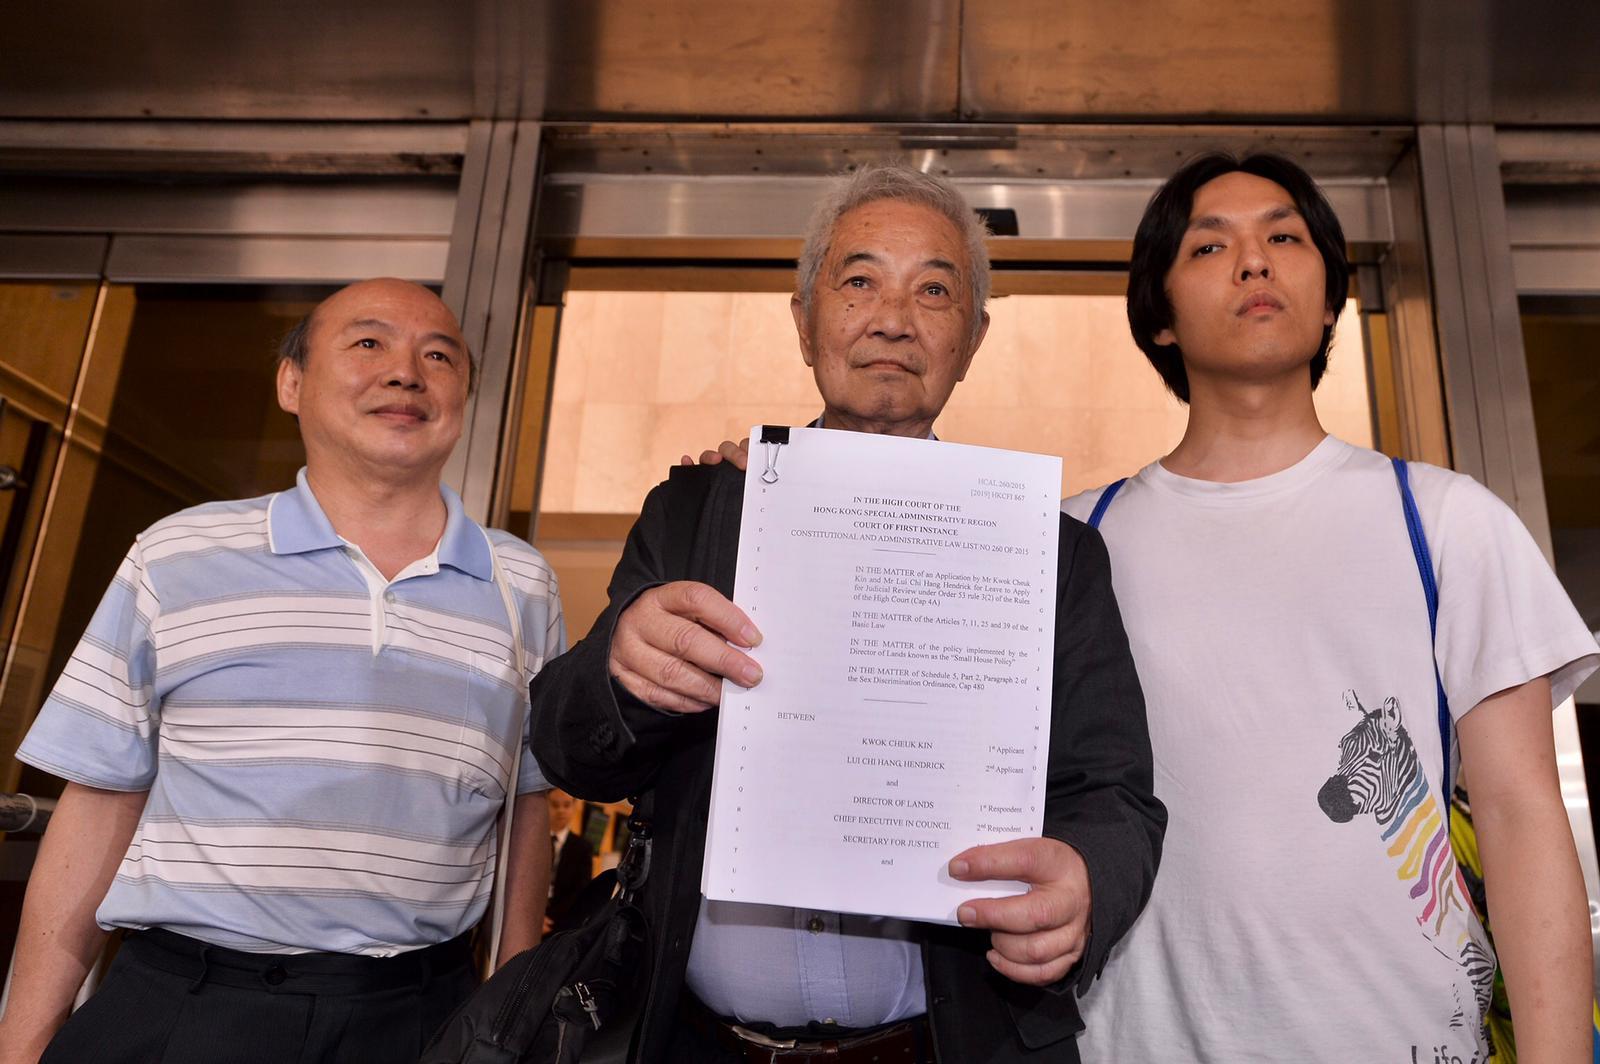 郭卓坚获裁定部份胜诉。